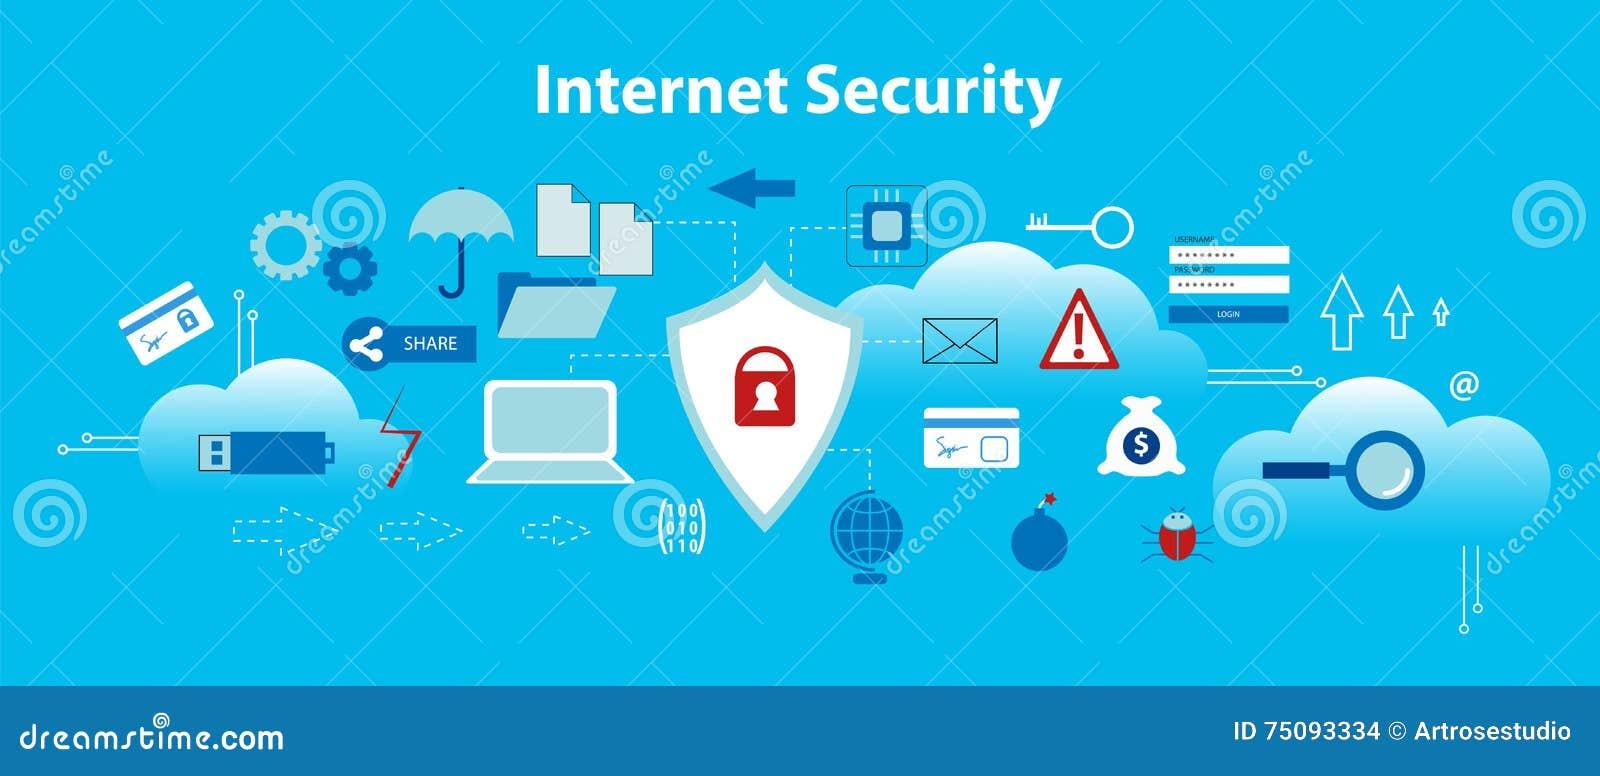 Moderne vlakke ontwerp vectorillustratie, infographic concept Internet-veiligheid, veilige online en gegevensbescherming